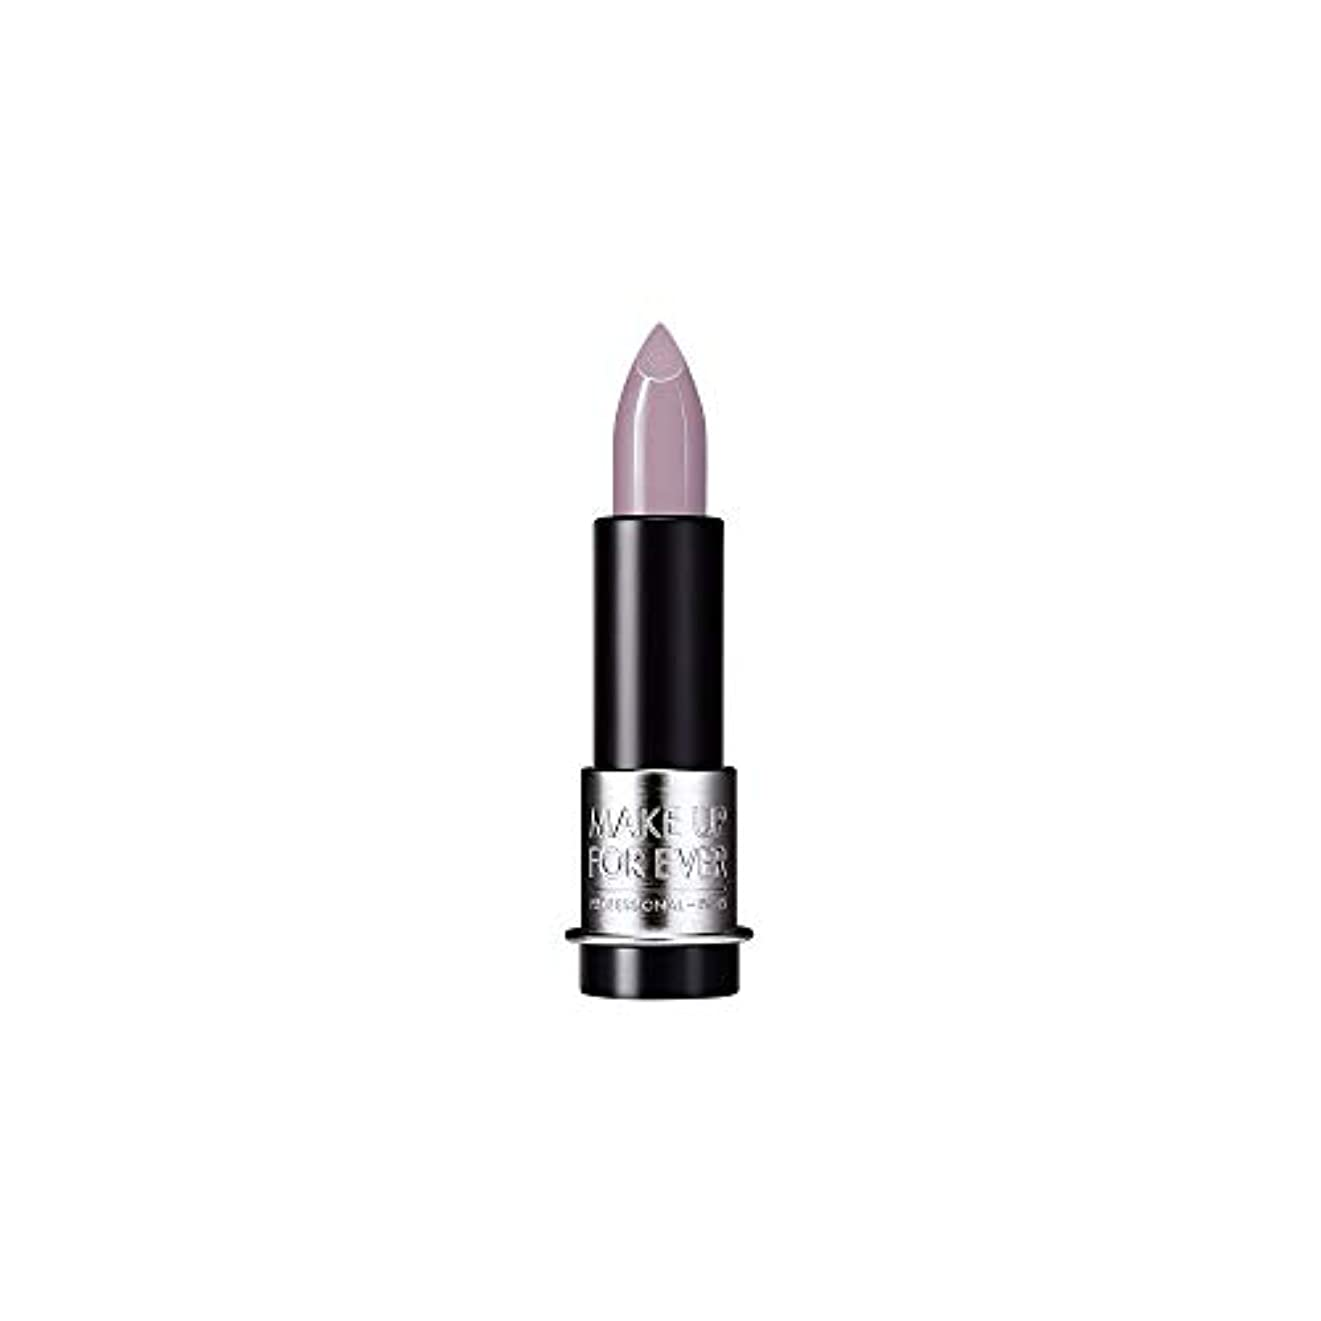 居間へこみ彼女自身[MAKE UP FOR EVER] これまでアーティストルージュクリーム口紅3.5グラムのC502を補う - トープバイオレット - MAKE UP FOR EVER Artist Rouge Creme Lipstick...